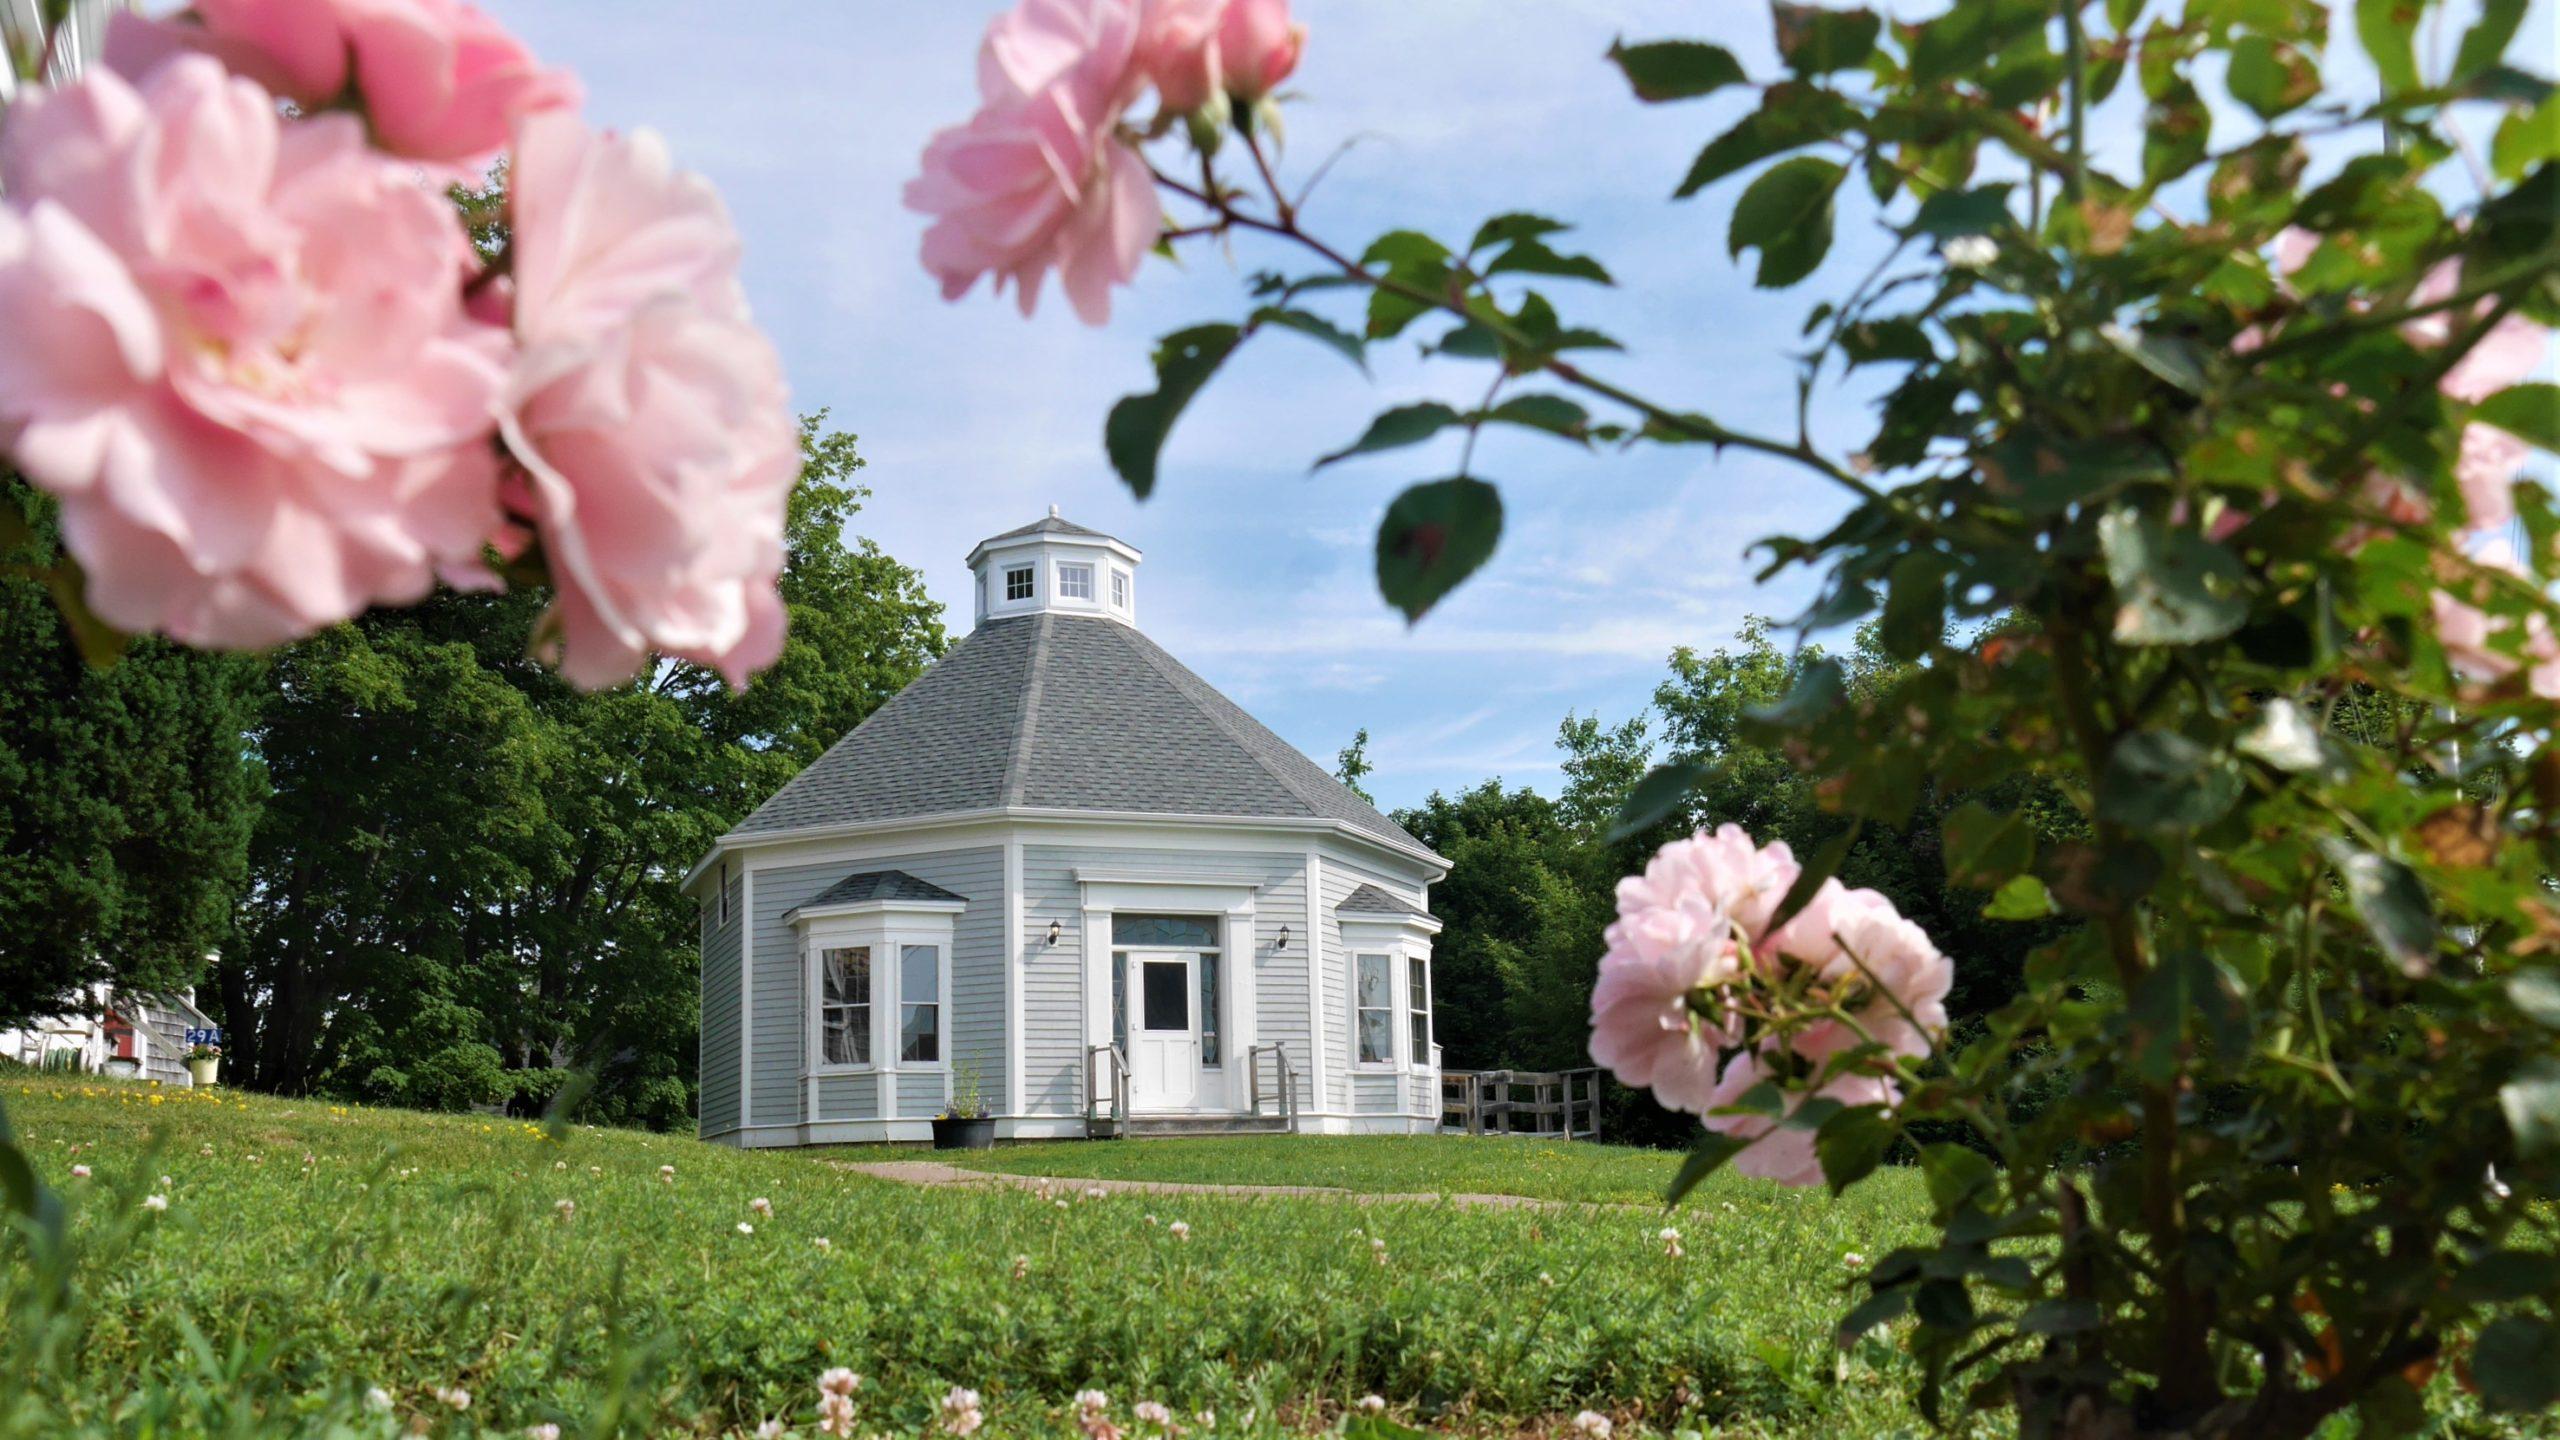 Sackville maison octogonale Boultenhouse infos pratiques Nouveau-Brunswick blog voyage canada